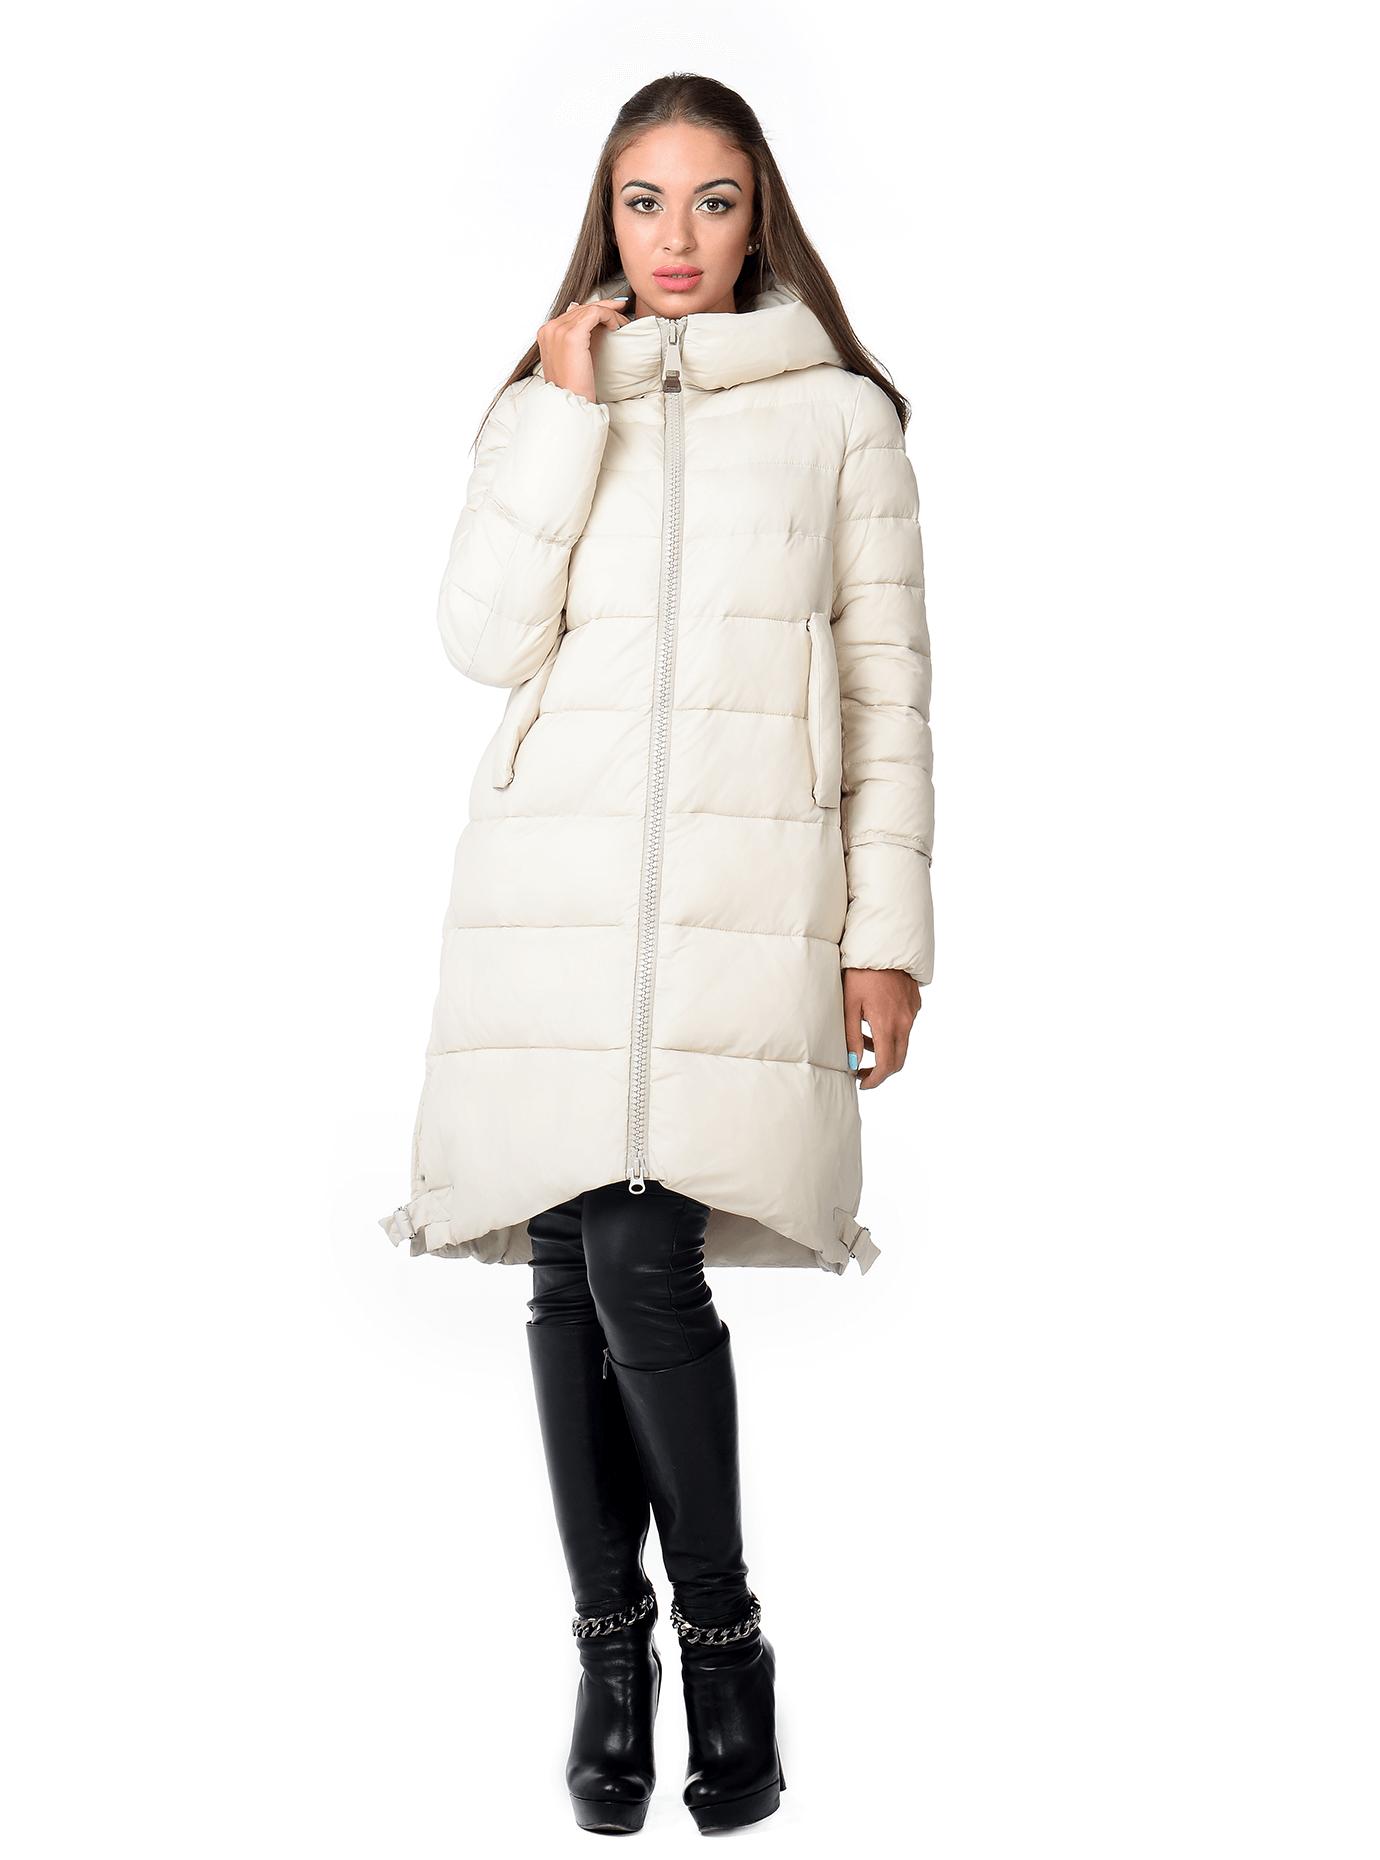 Куртка зимняя женская на молнии Молочный XL (02-CR170359): фото - Alster.ua